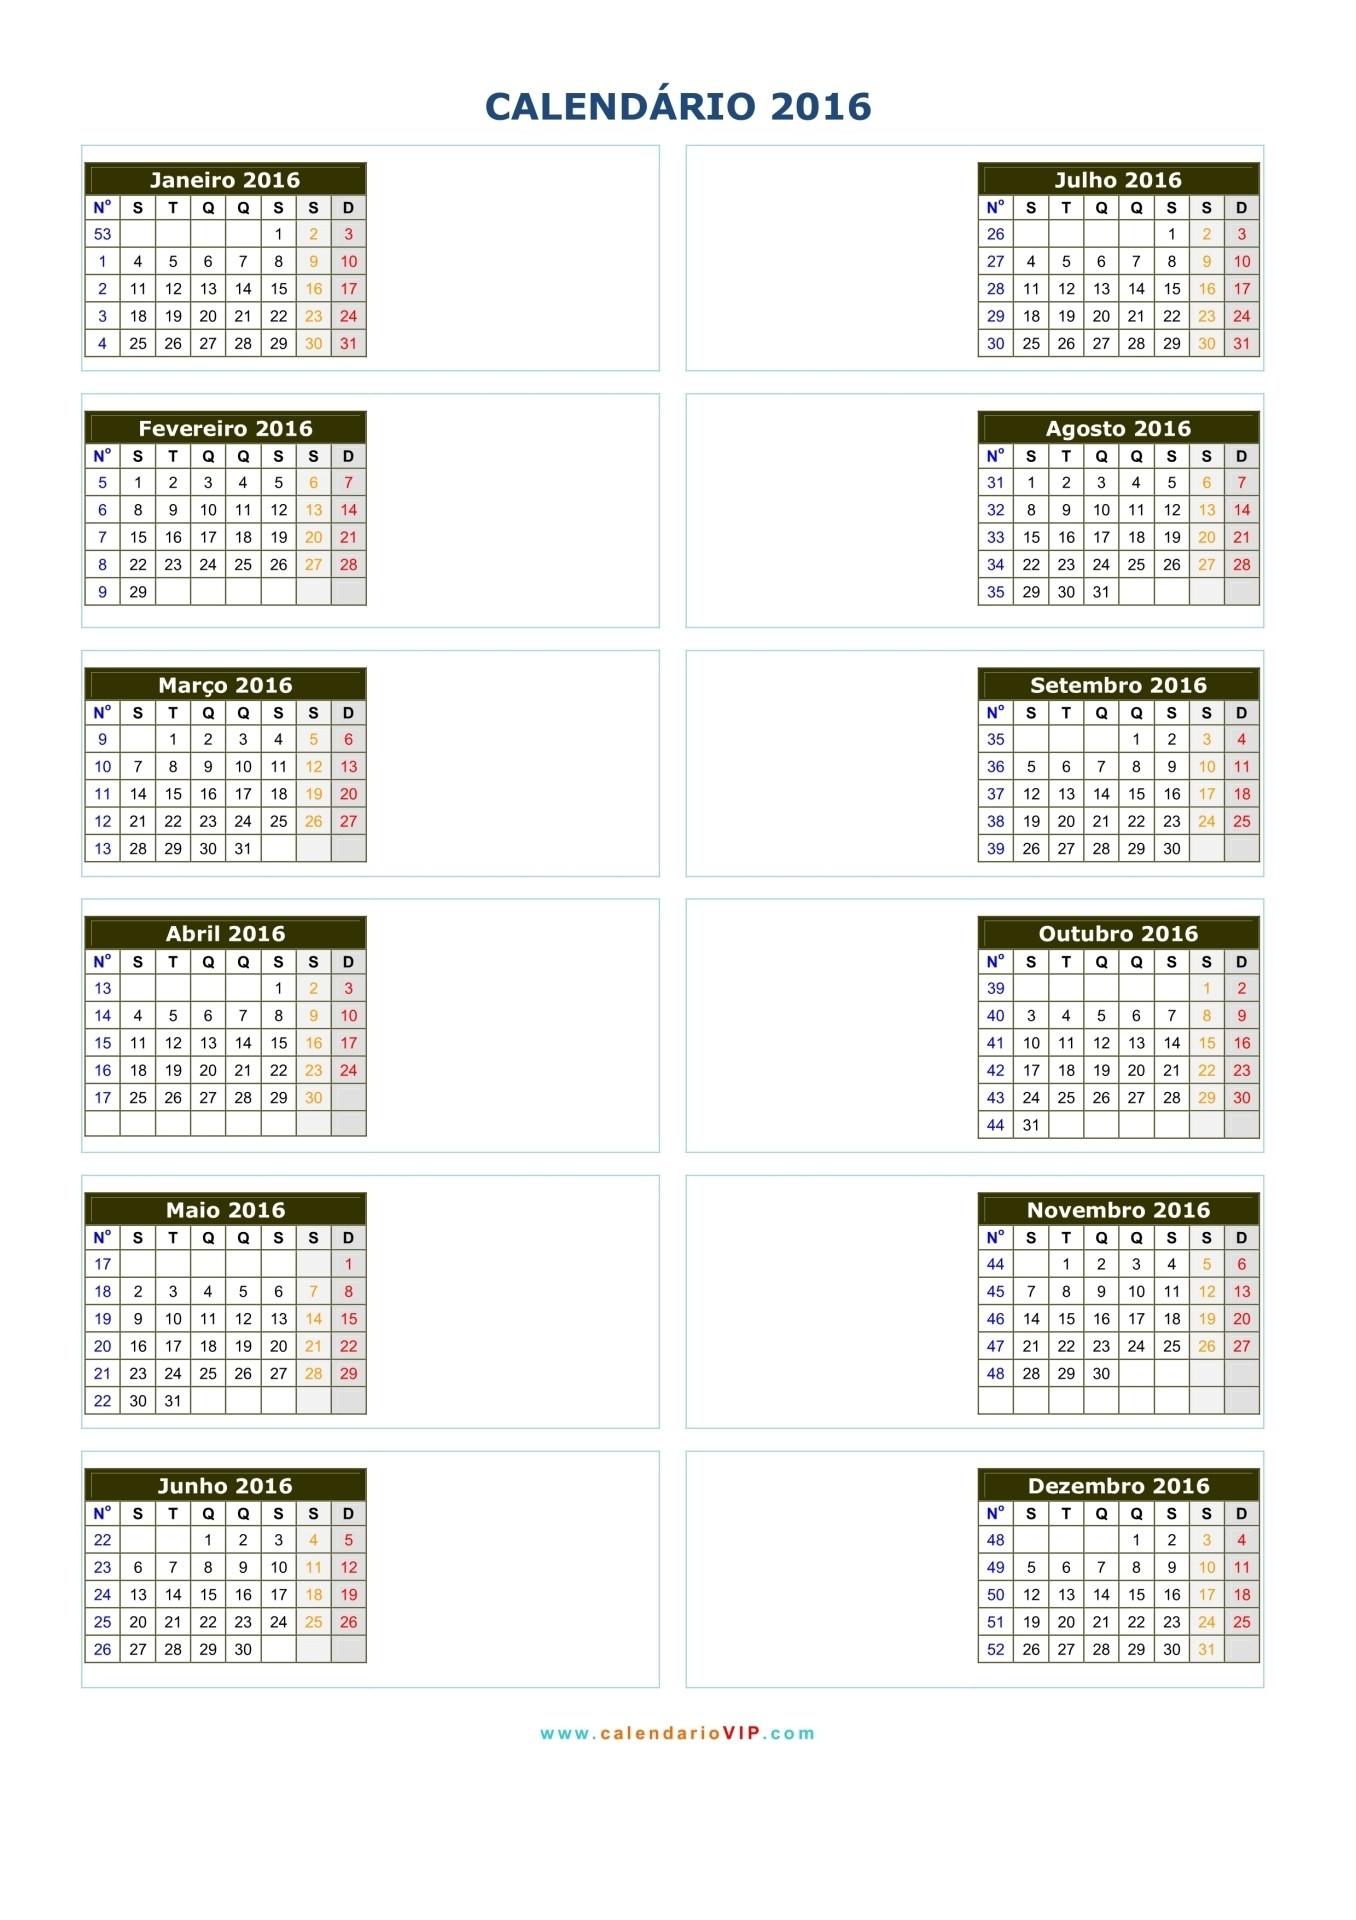 Calendário 2019 Com Feriados Download Recientes Calendario Novembro 2018 Imprimir T Of Calendário 2019 Com Feriados Download Más Caliente Calendario Novembro 2018 Imprimir T